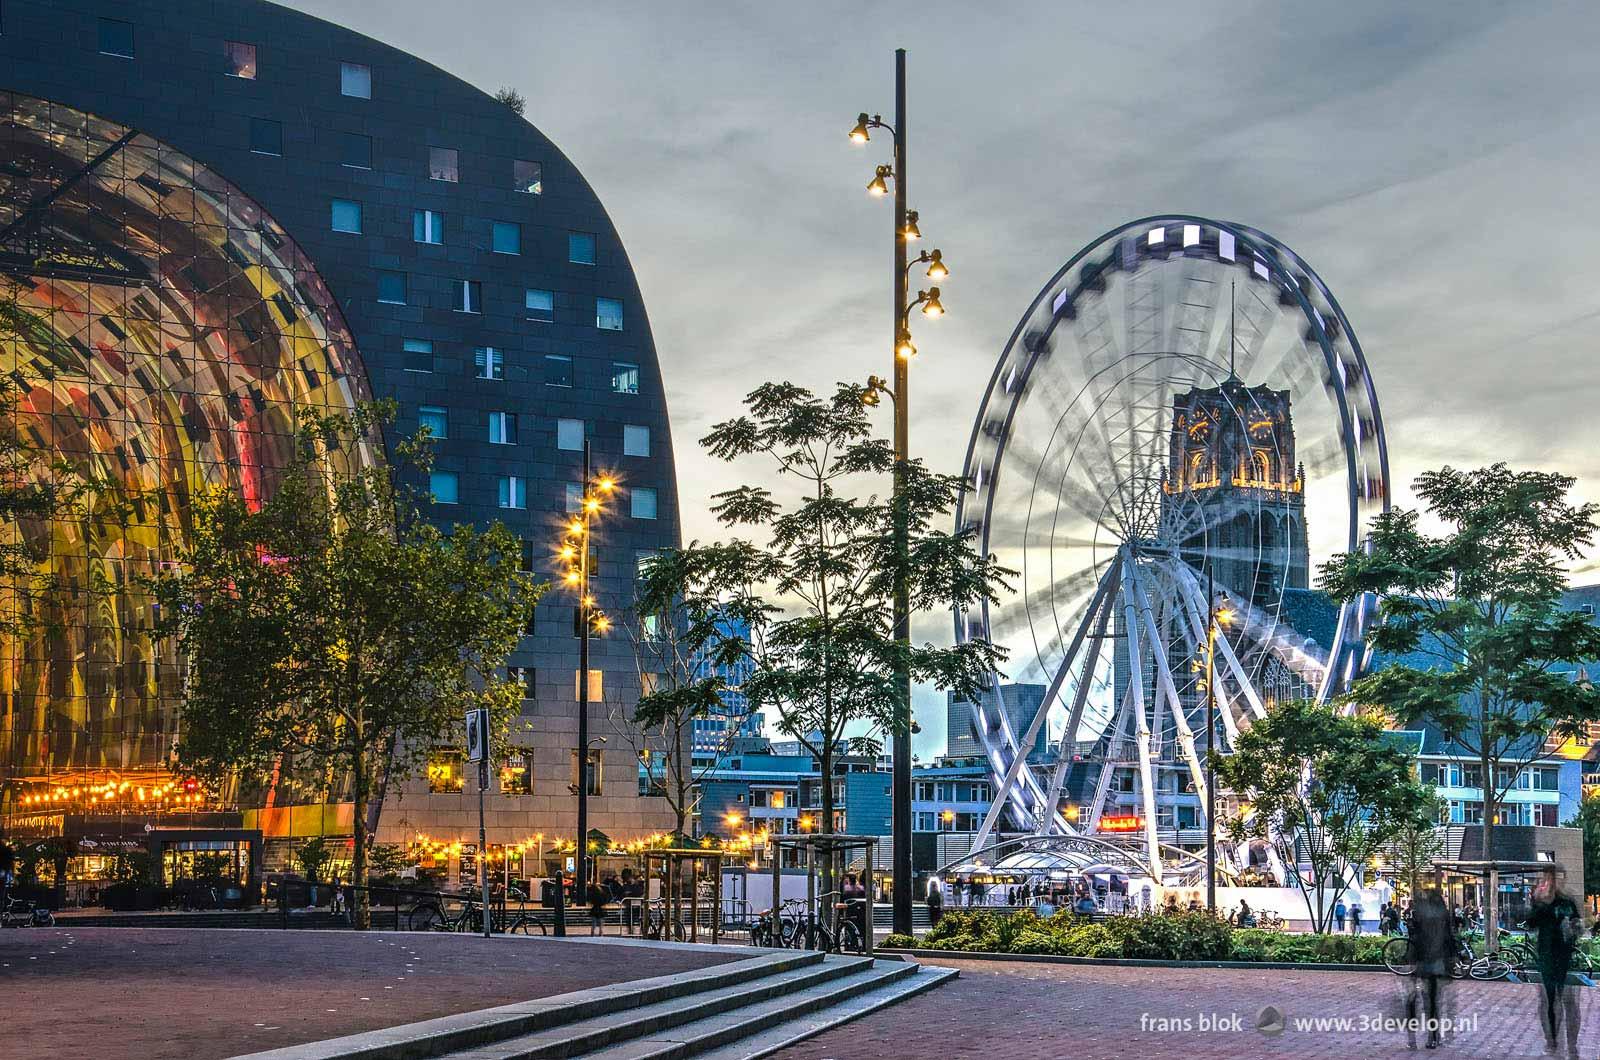 Reuzenrad The Dinner Wheel op de Binnenrotte in Rotterdam met ook de Markthal en de Laurenskerk